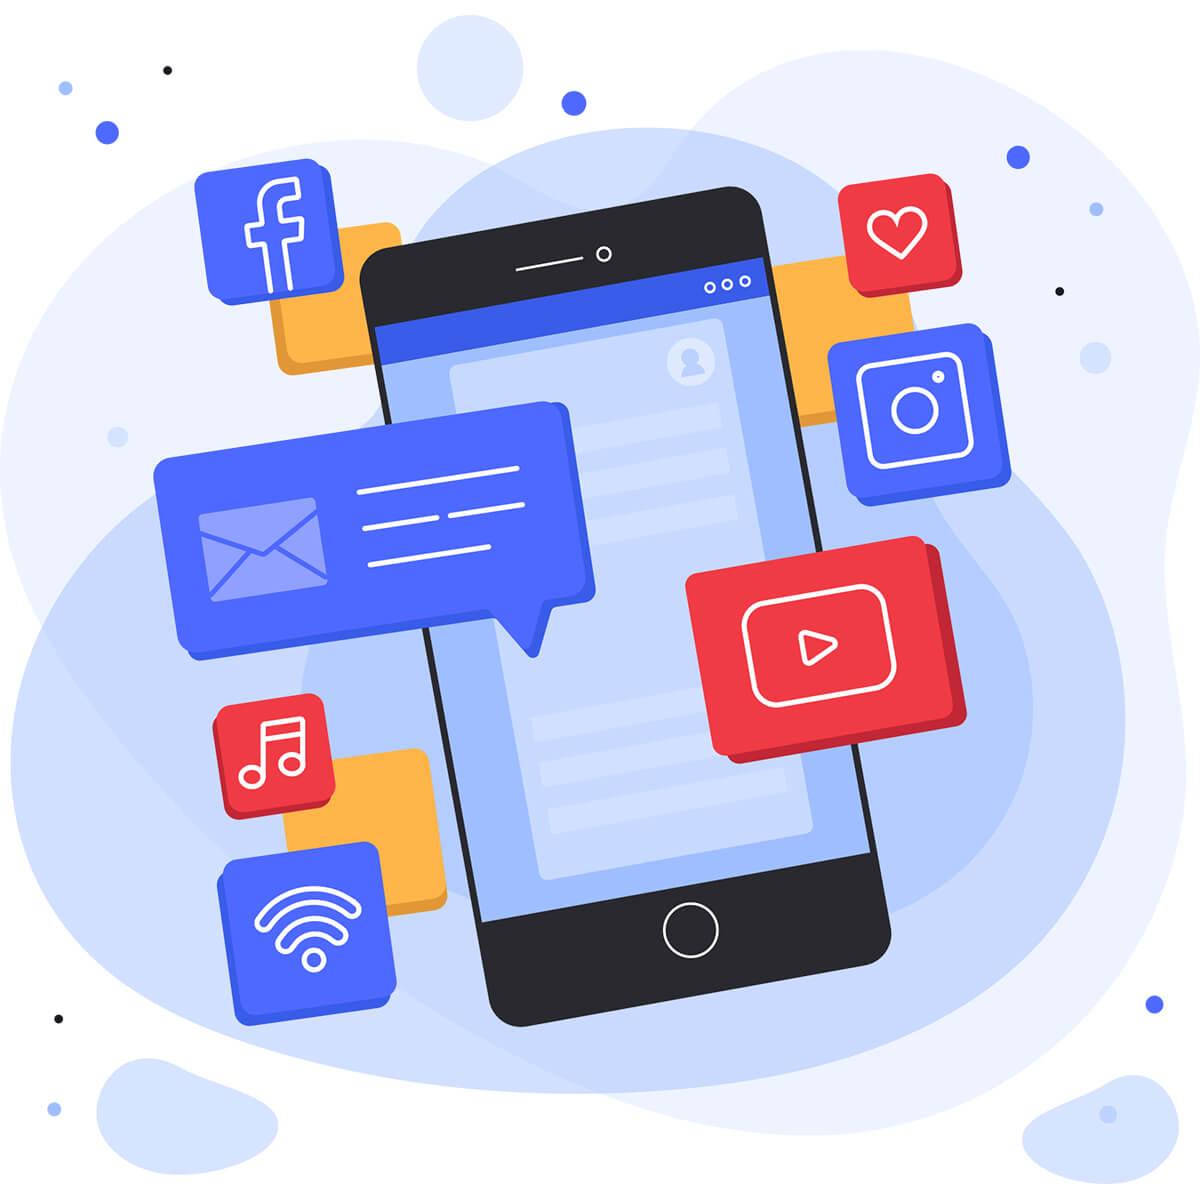 Mobil Uygulama Geliştirme 2